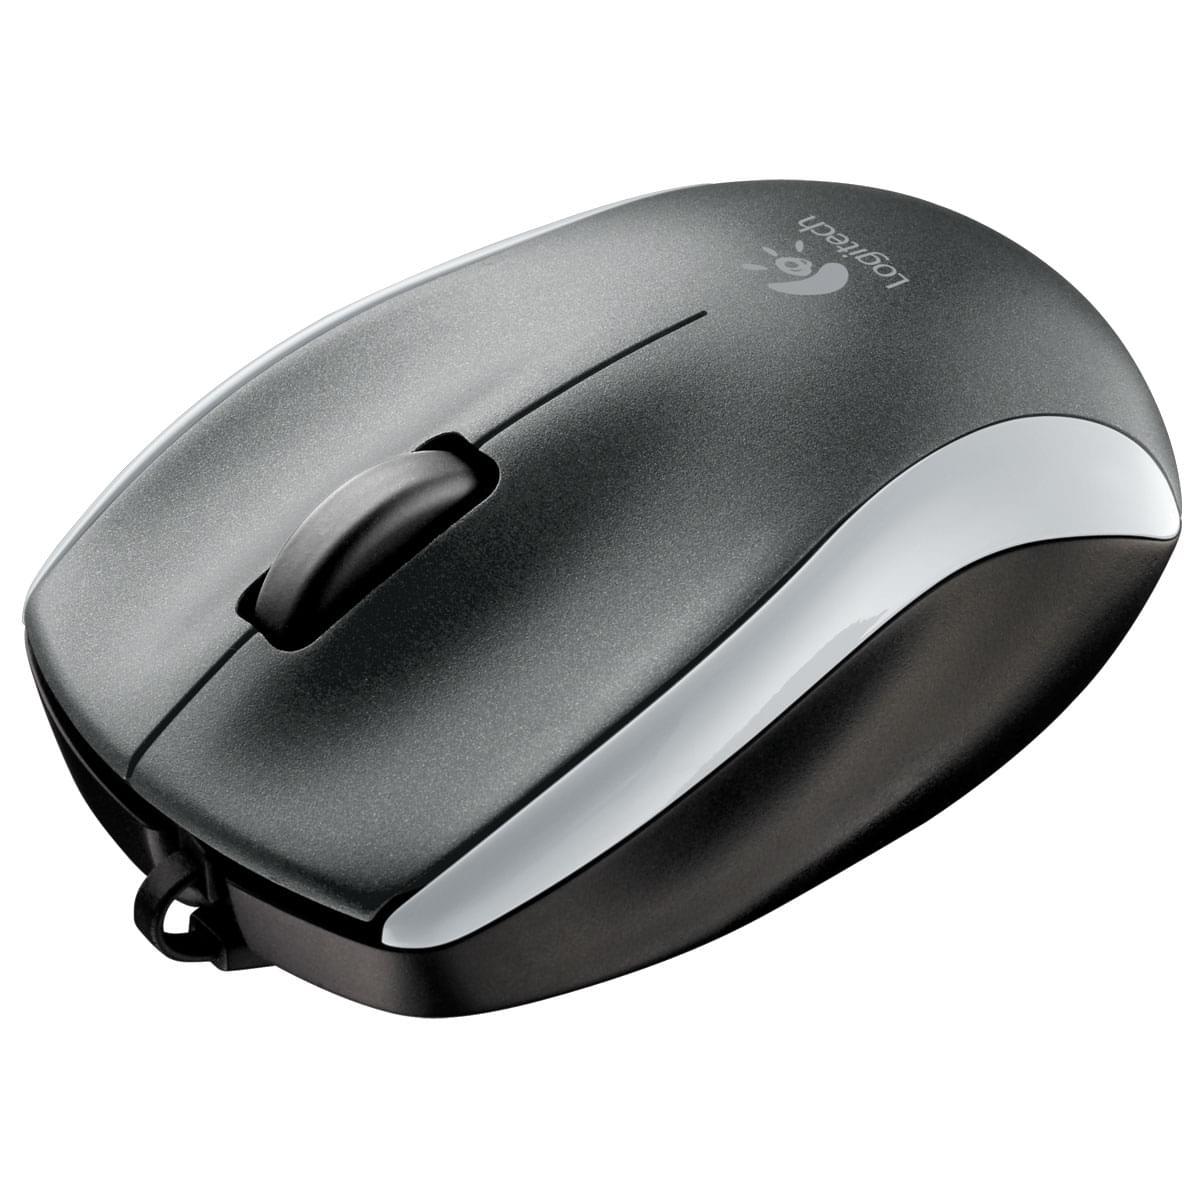 Logitech Mouse M125 Silver (910-001836) - Achat / Vente Souris PC sur Cybertek.fr - 0